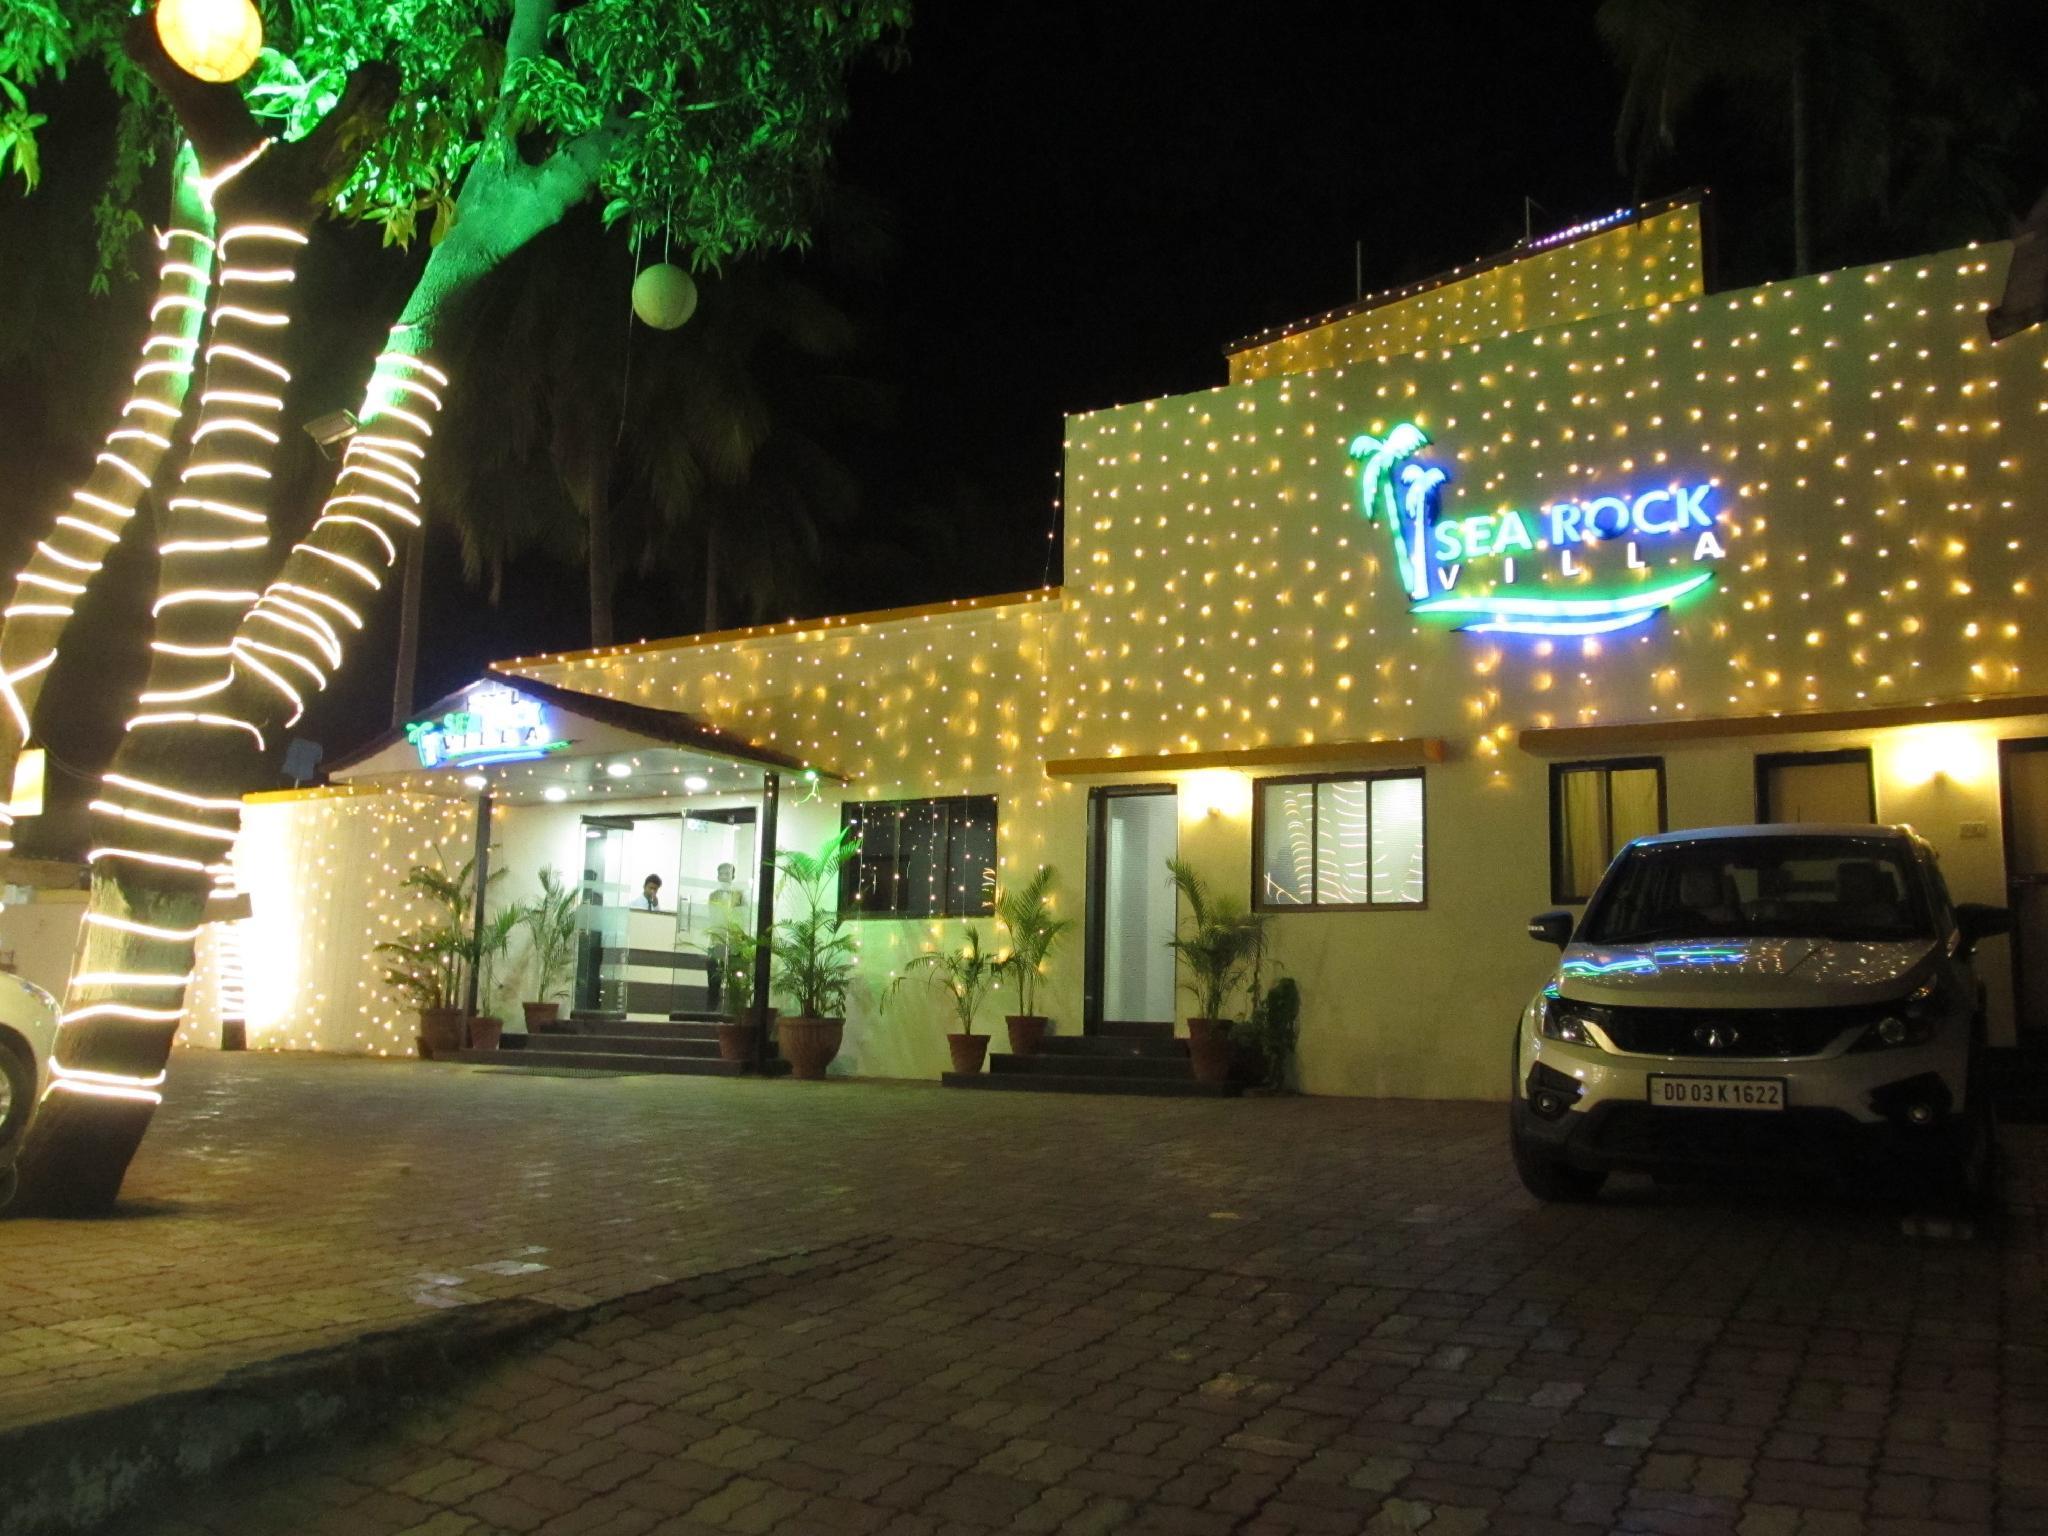 Hotel Sea Rock Villa, Daman